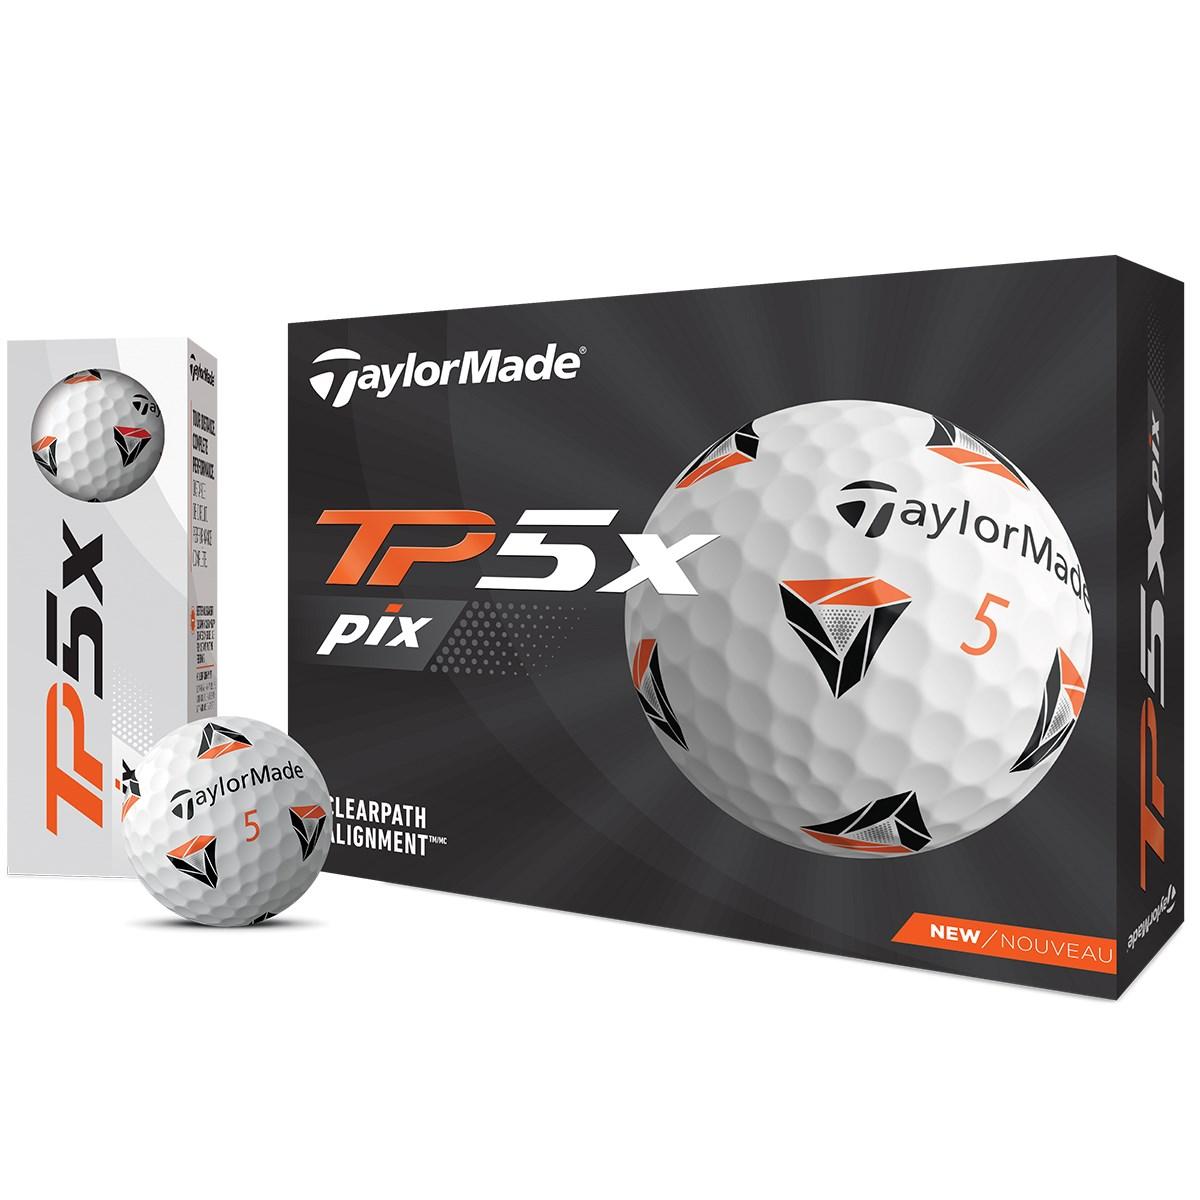 テーラーメイド TP5 TP5x pix ボール 5ダースセット 5ダース(60個入り) ホワイト